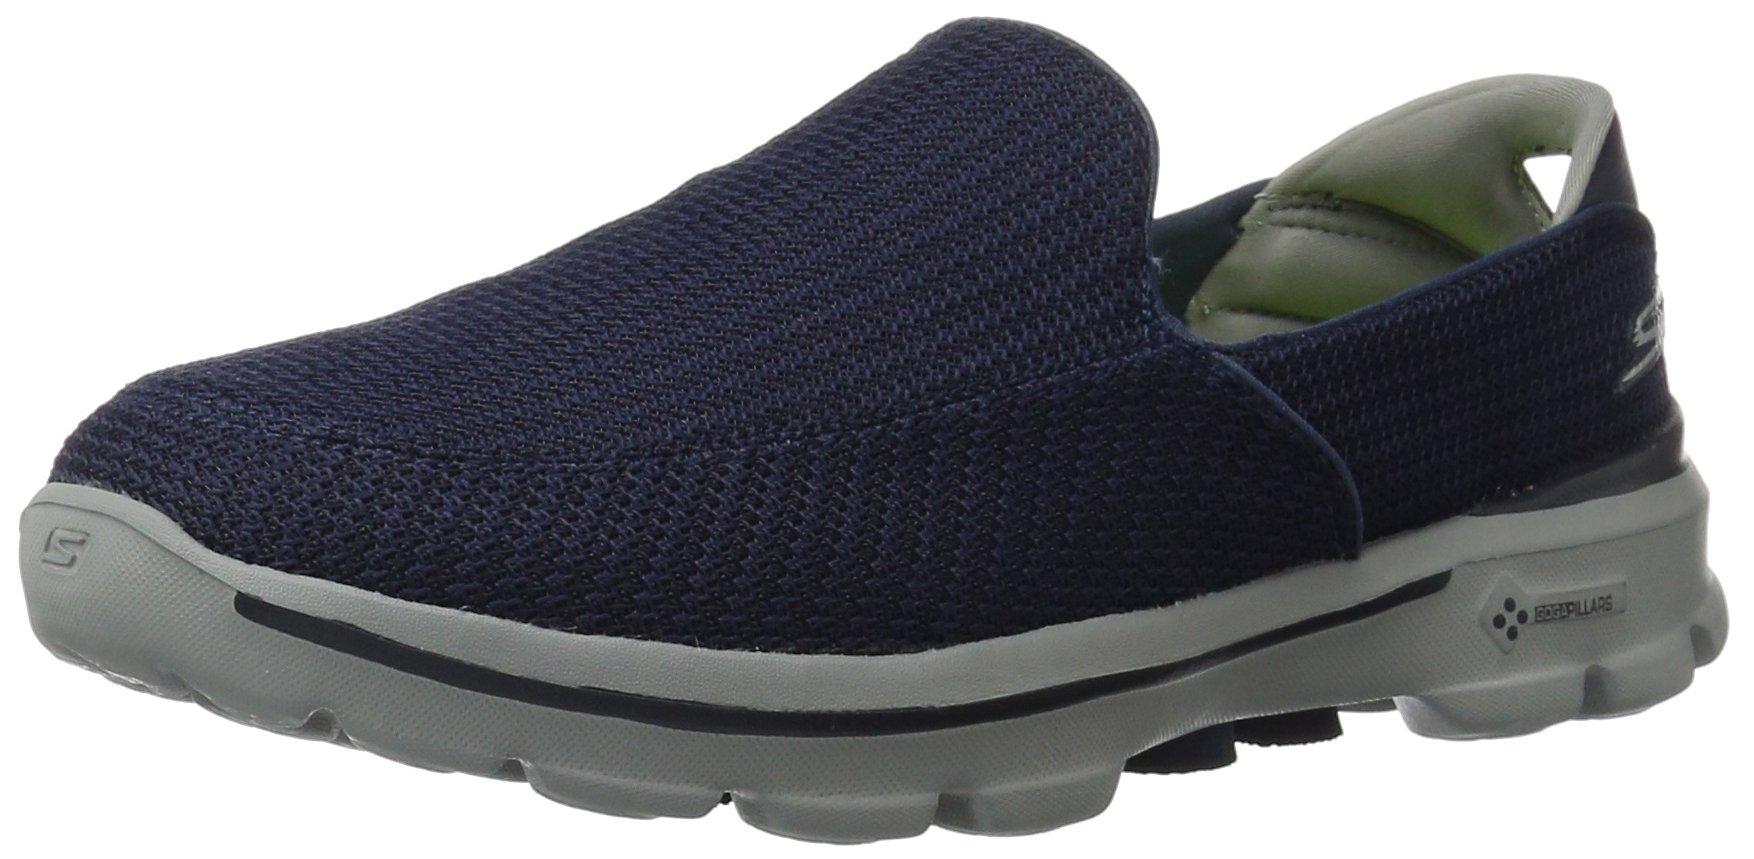 Calzado Skechers Rendimiento De Los Hombres Ir A Pie 3 Slip-on Caminar, Negro